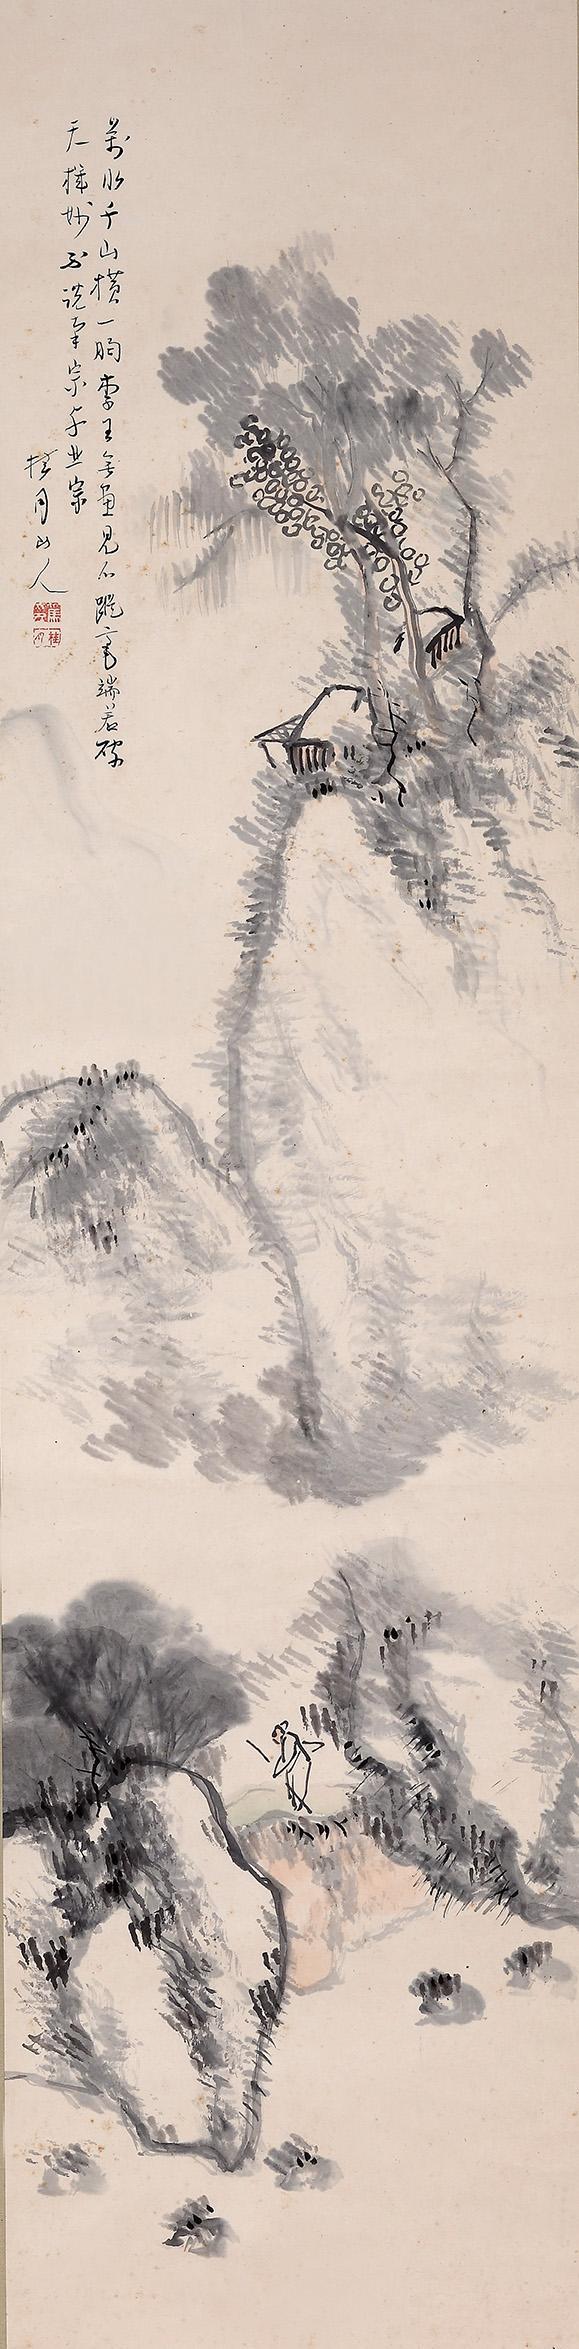 松林桂月 / 山水隱士